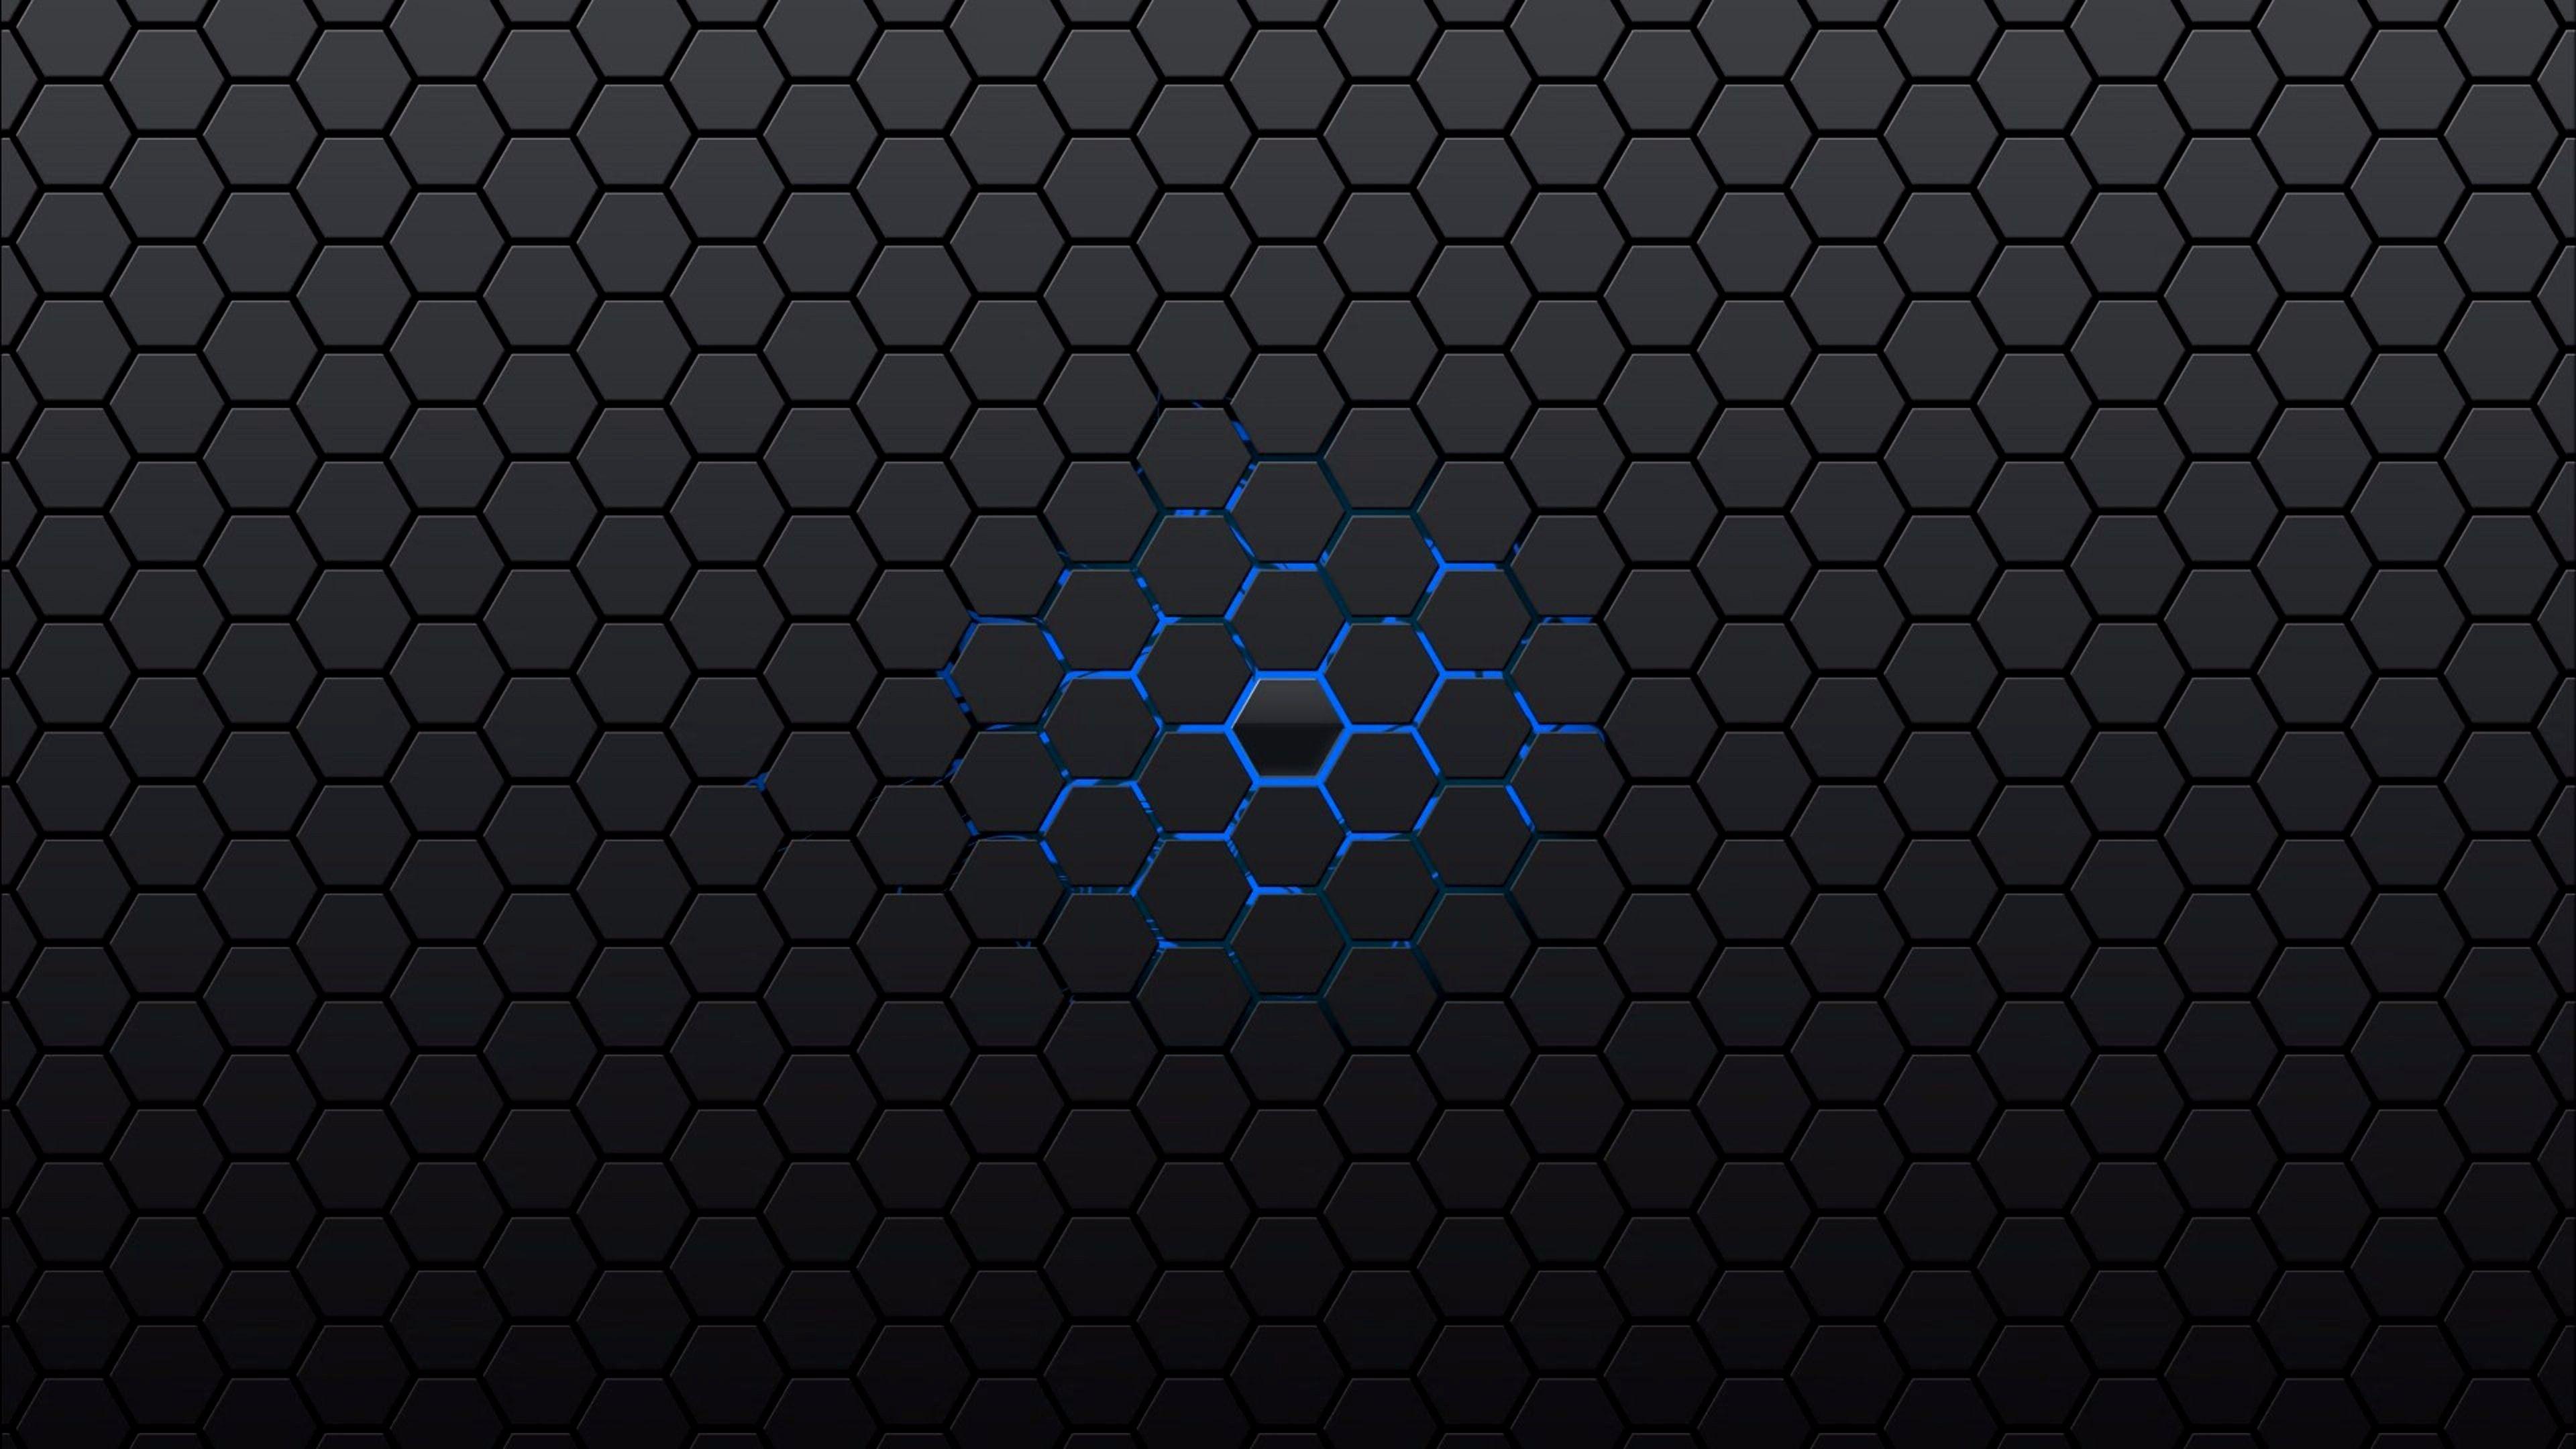 4k Hd Wallpaper Dark Blue Gallery Di 2020 Desain